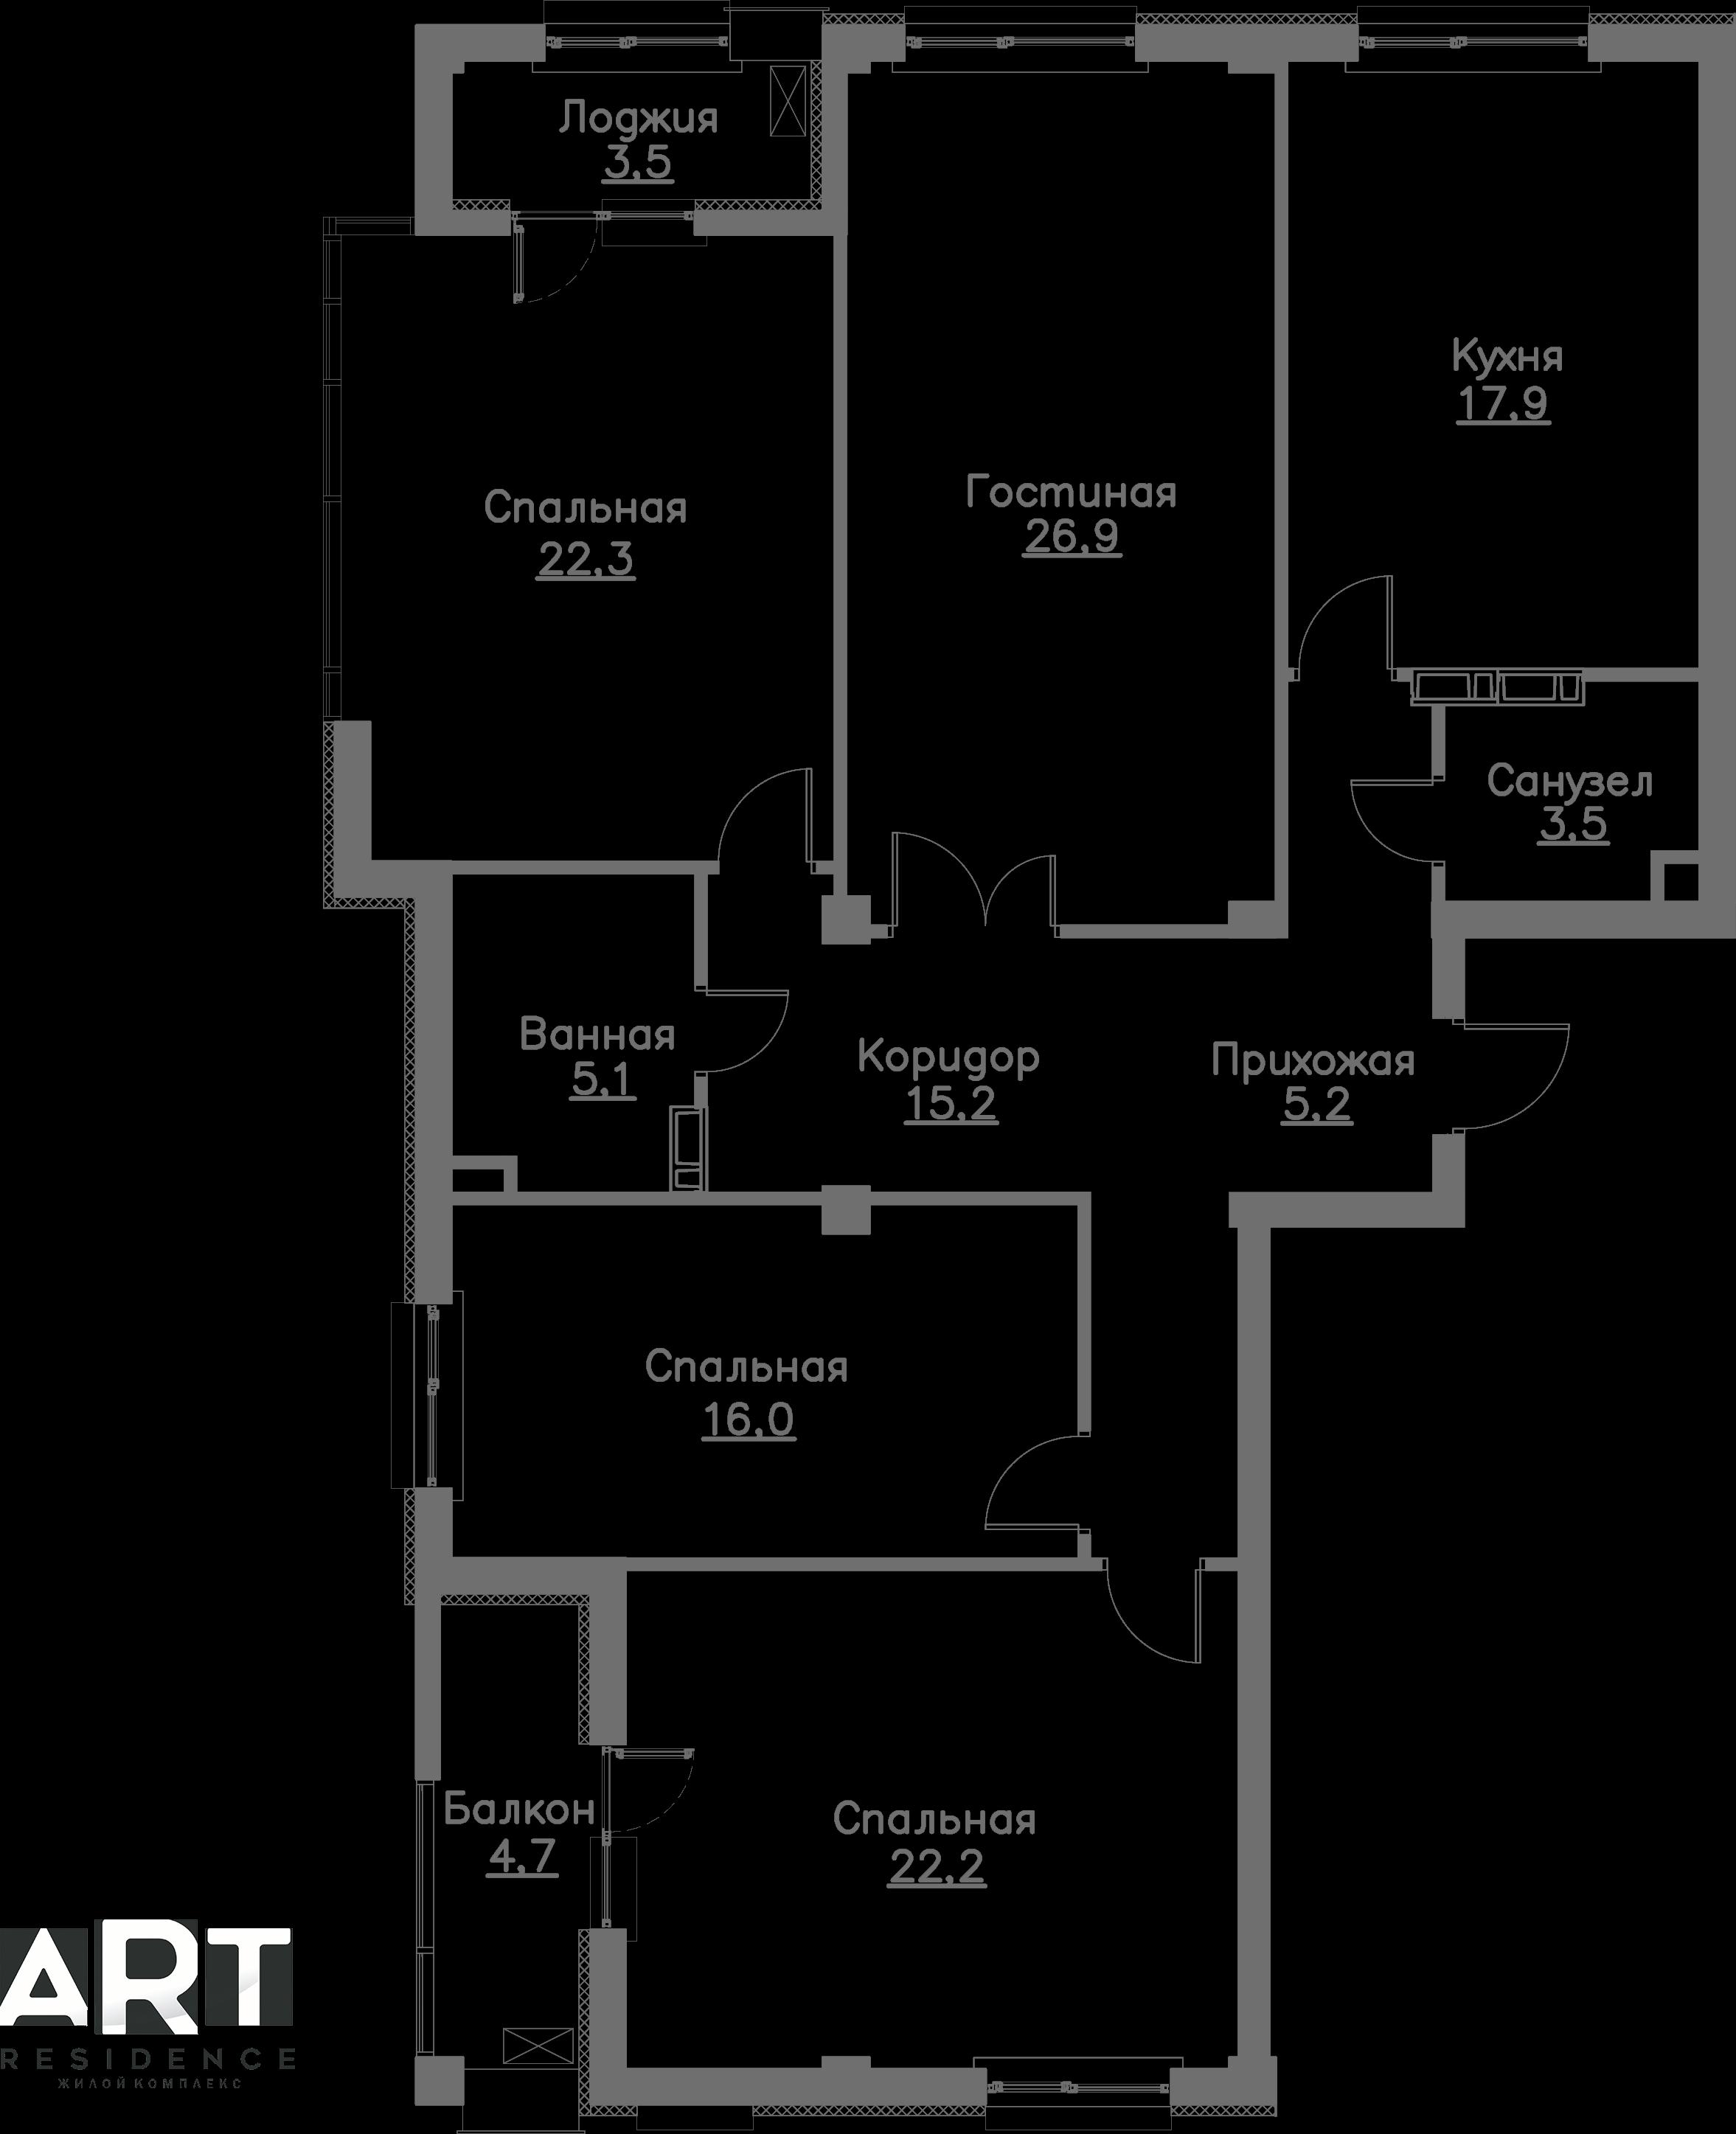 Очередь 1, Квартира 64